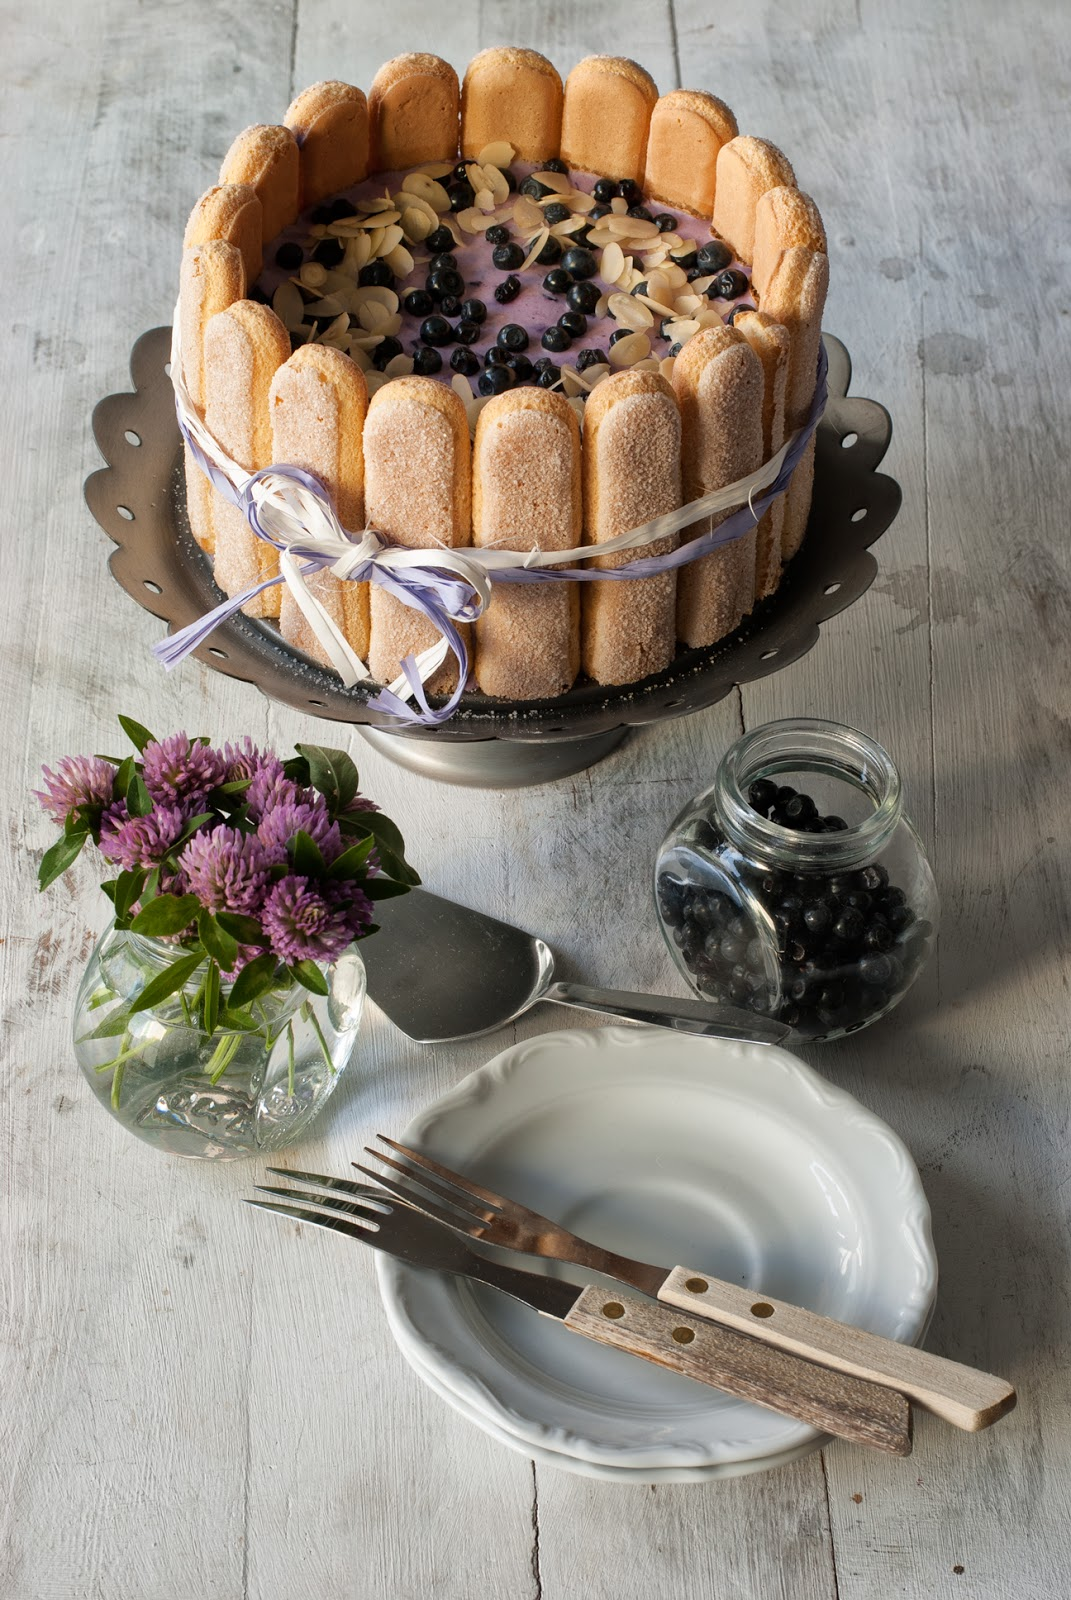 Charlotte owocowy tort na zimno z biszkoptami